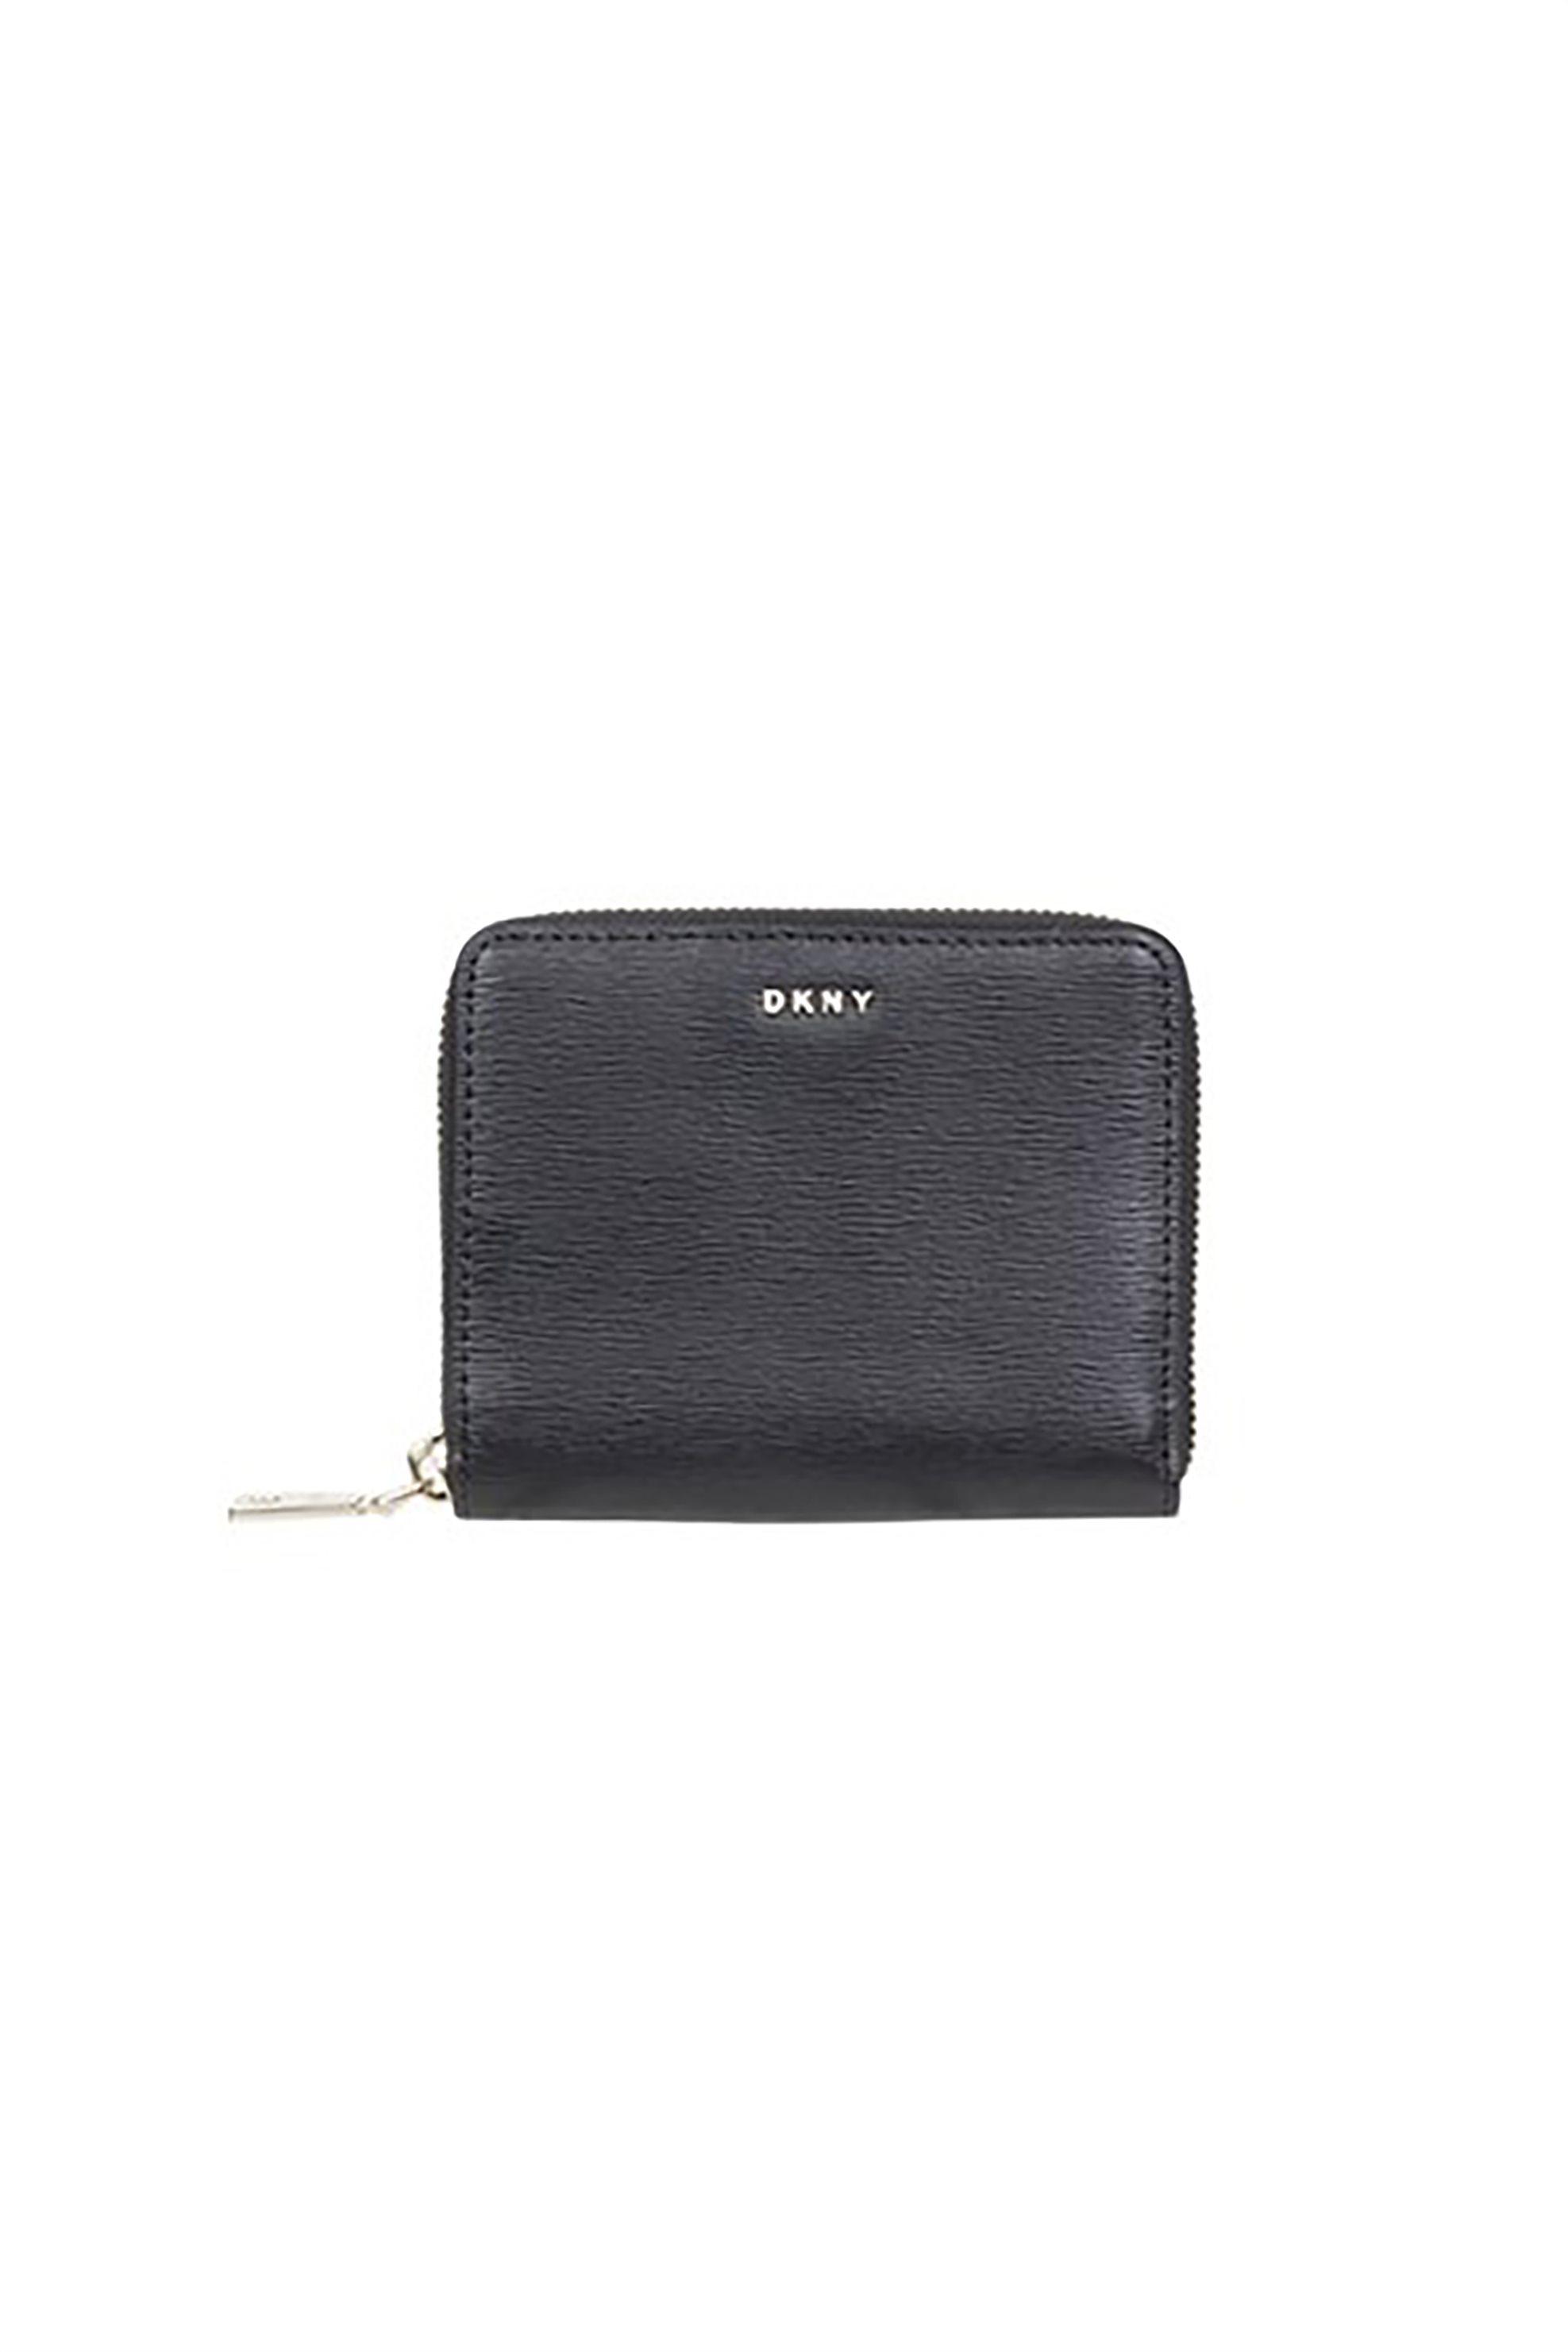 293fae2cff Notos DKNY γυναικείο πορτοφόλι Βryant - R8313656 - Μαύρο